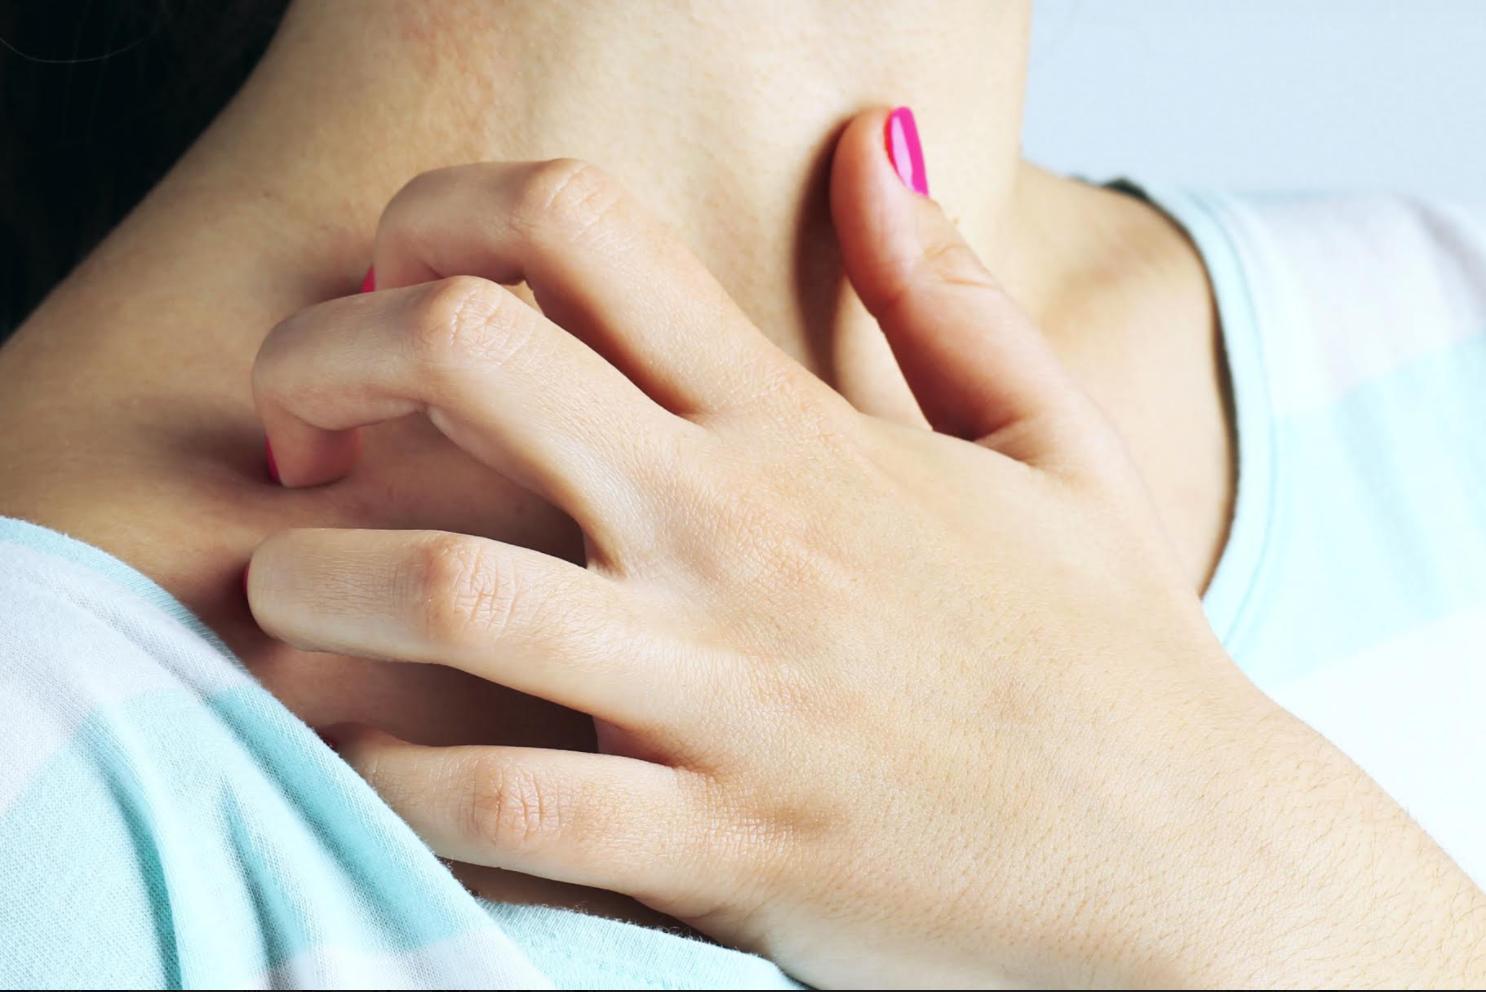 6 Ways to Soothe Fibromyalgia Skin